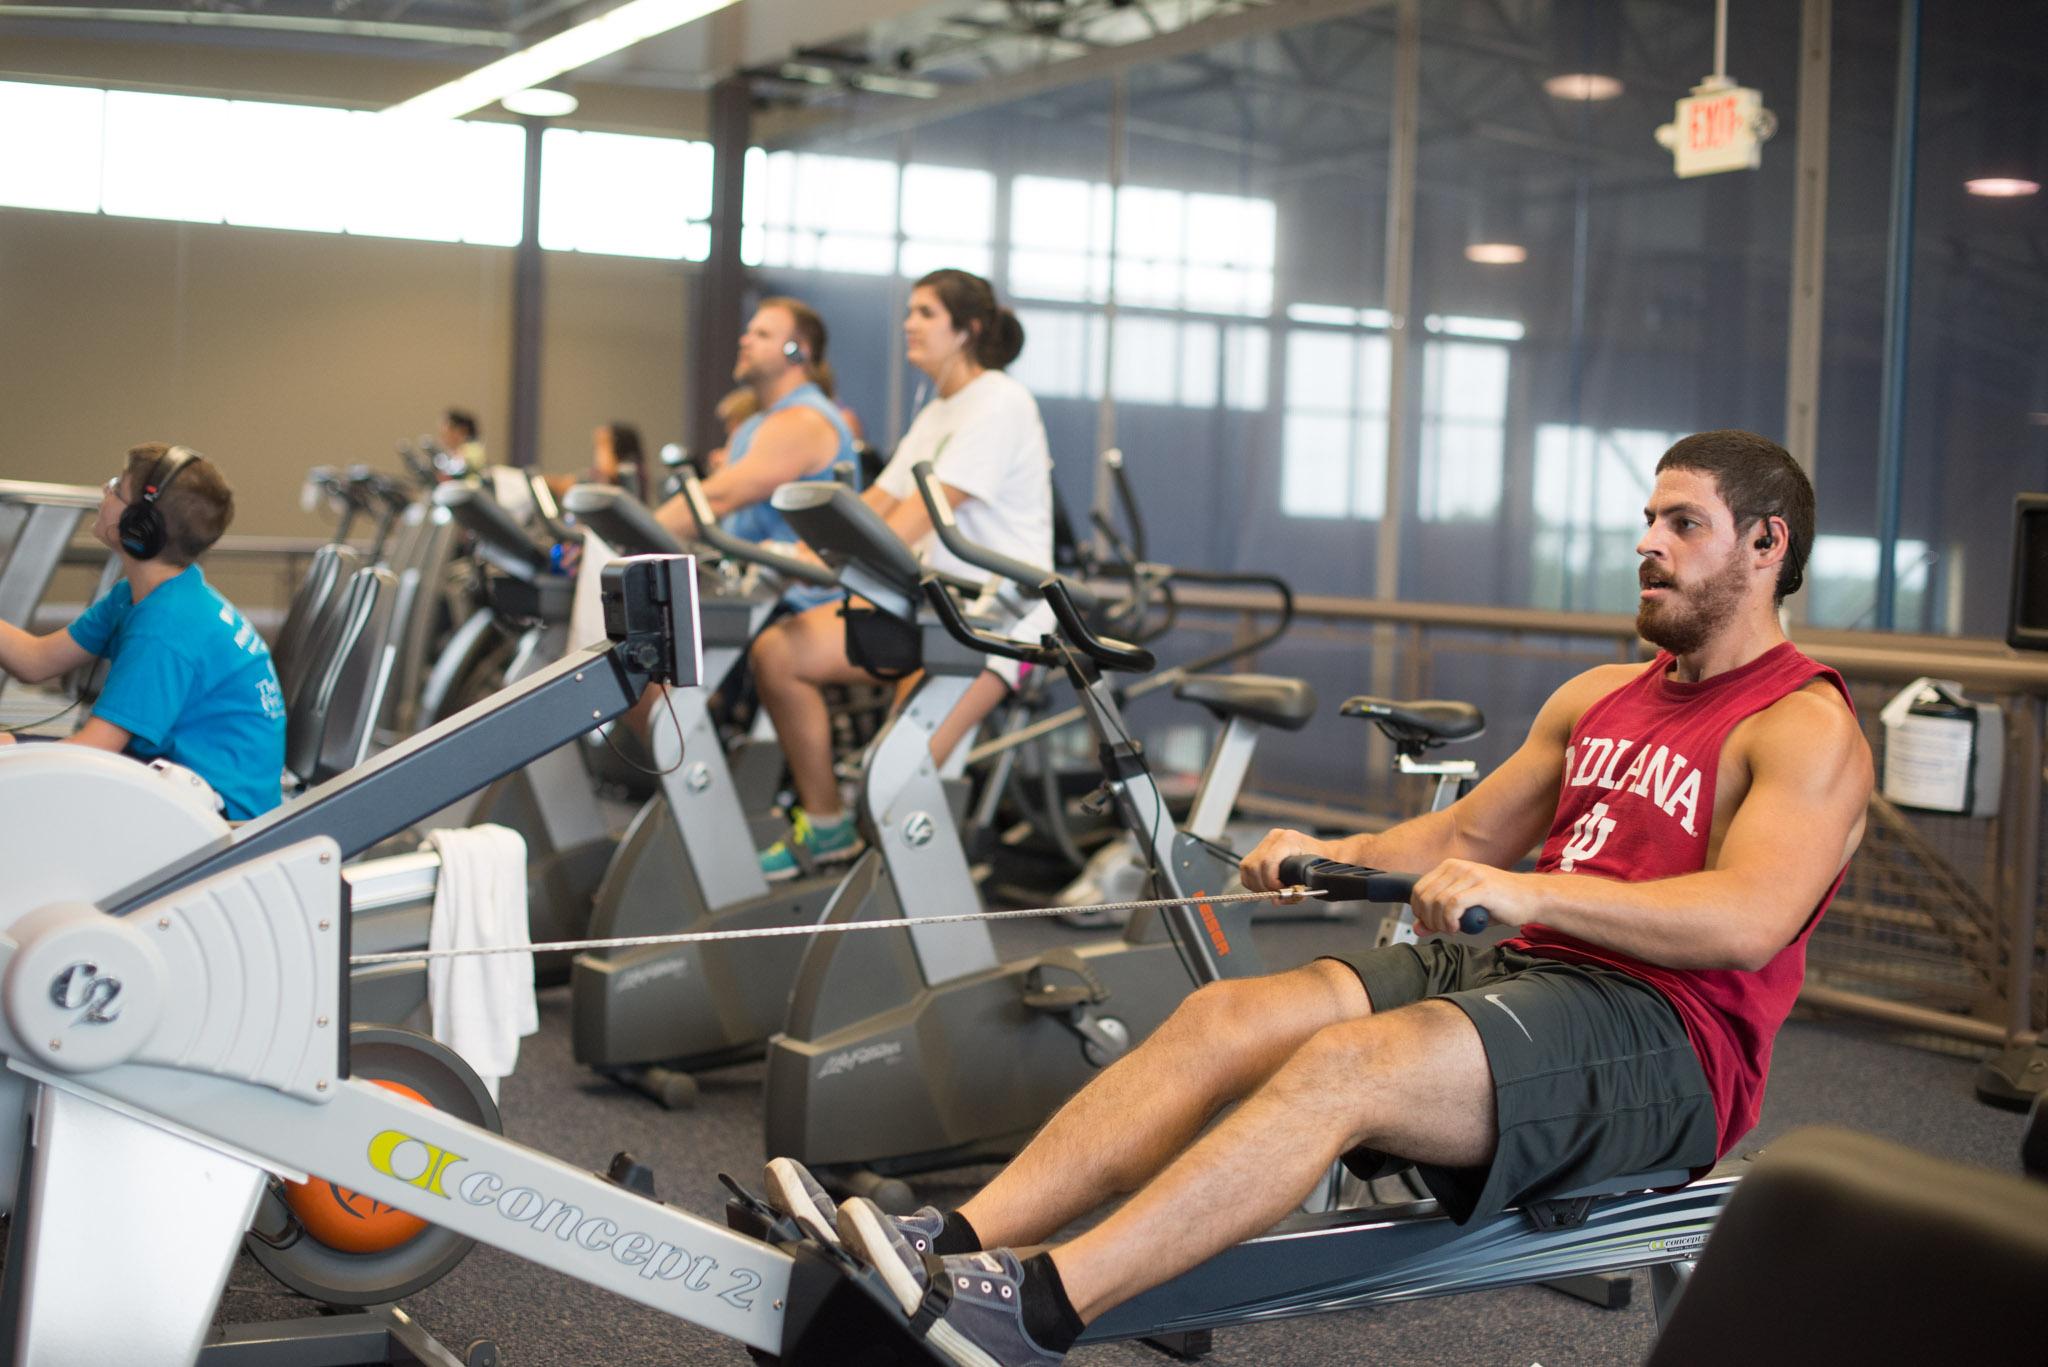 Wellness Center Stock Photos-1258.jpg